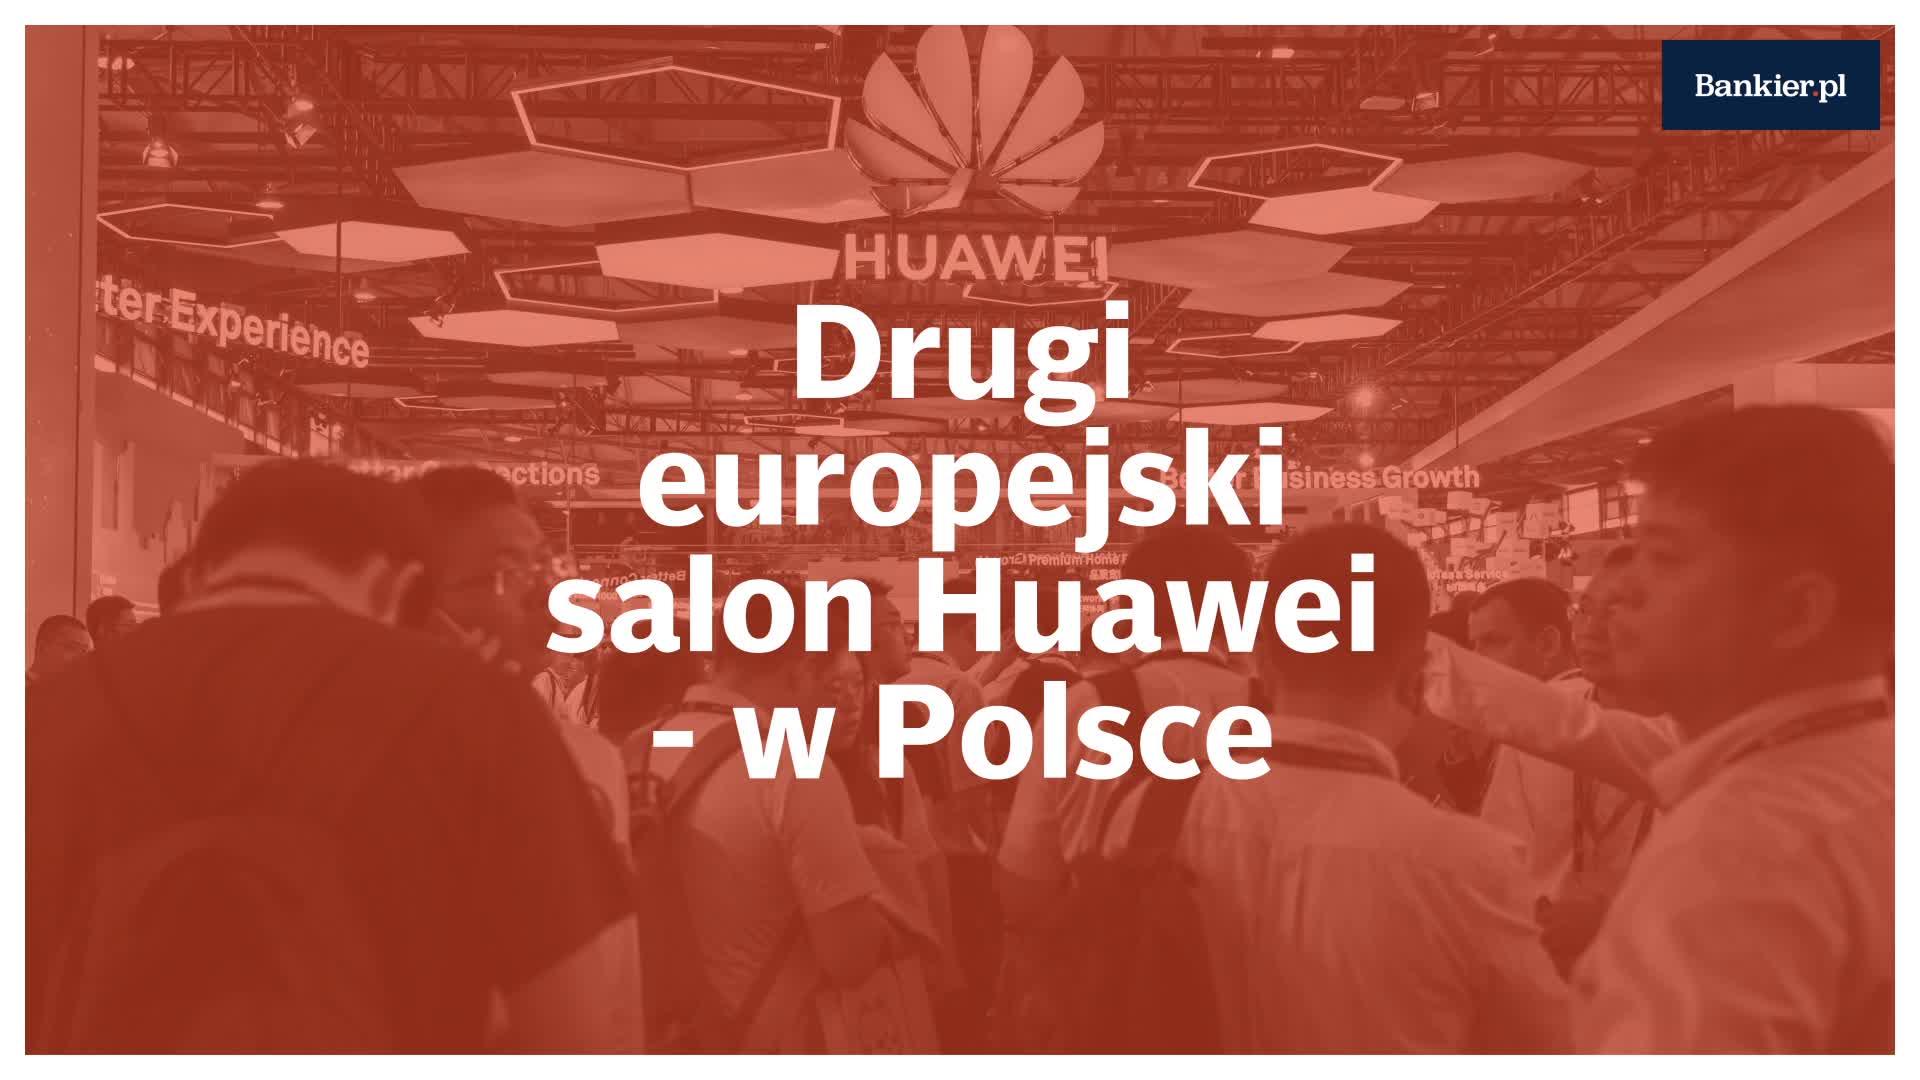 Huawei otwiera w Polsce drugi europejski salon